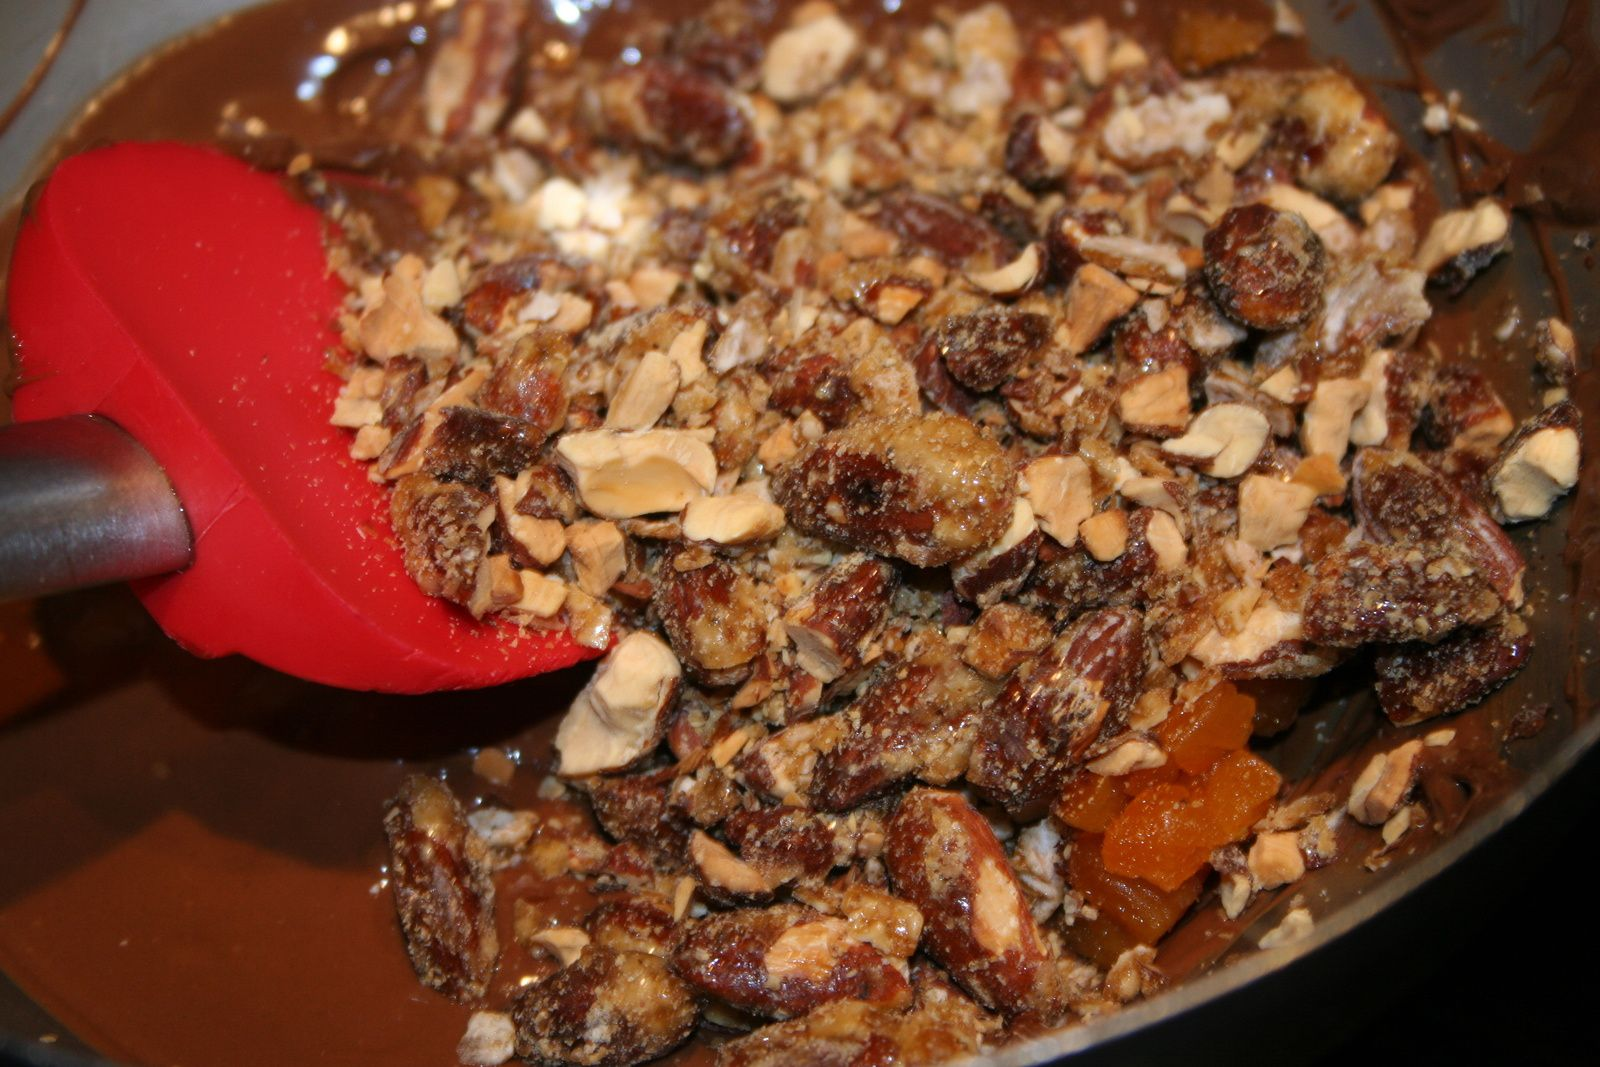 Chocolat lait-amande caramélisée , pointe de sel et abricot sec